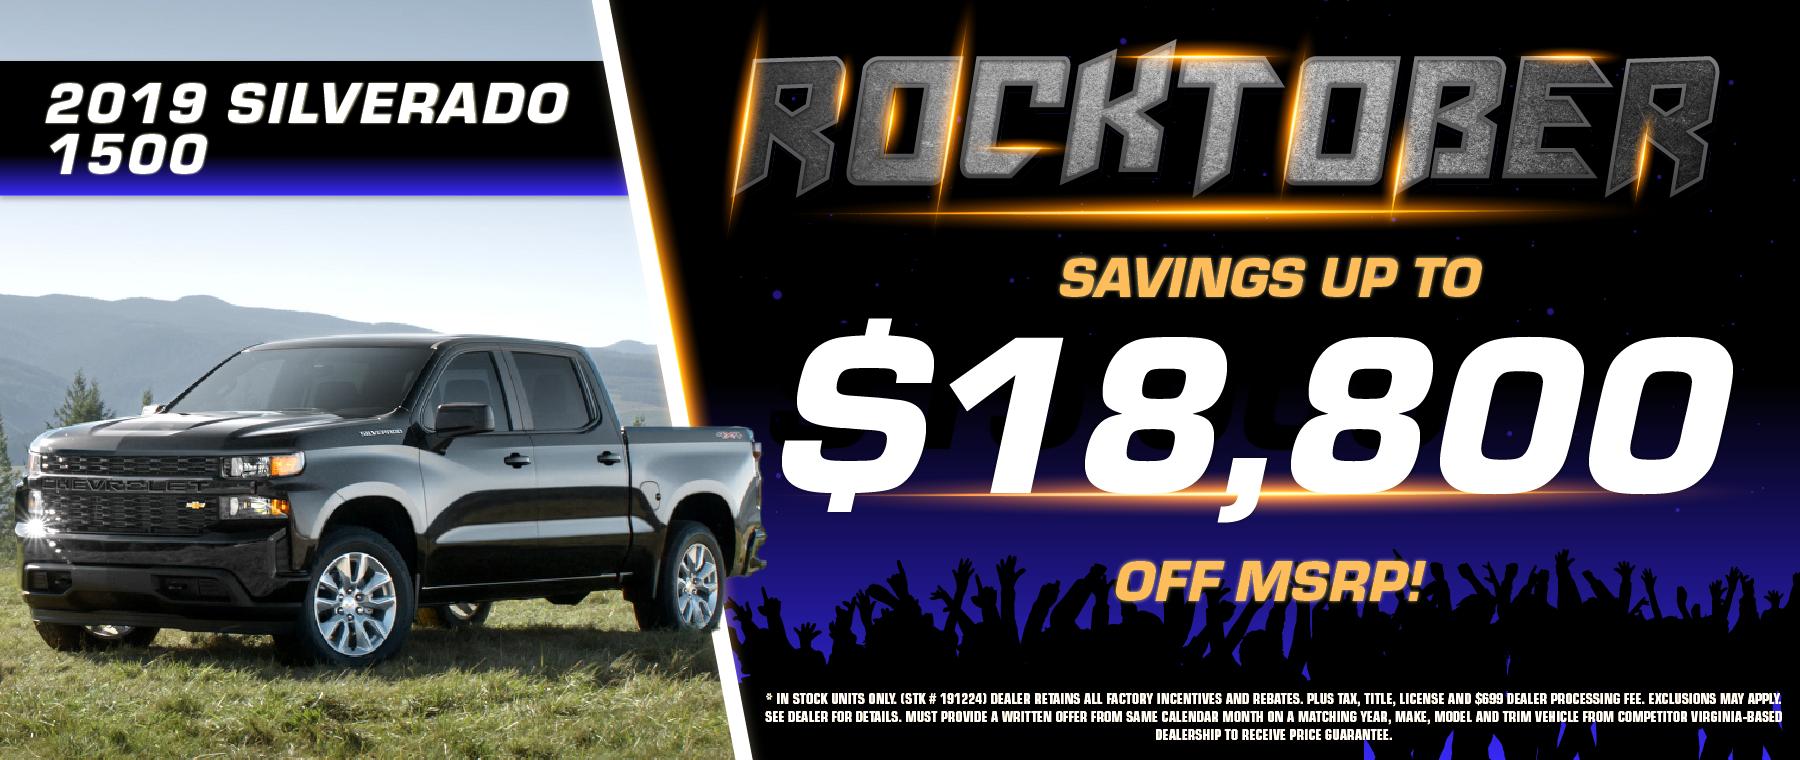 2019 Silverado 1500 Savings!